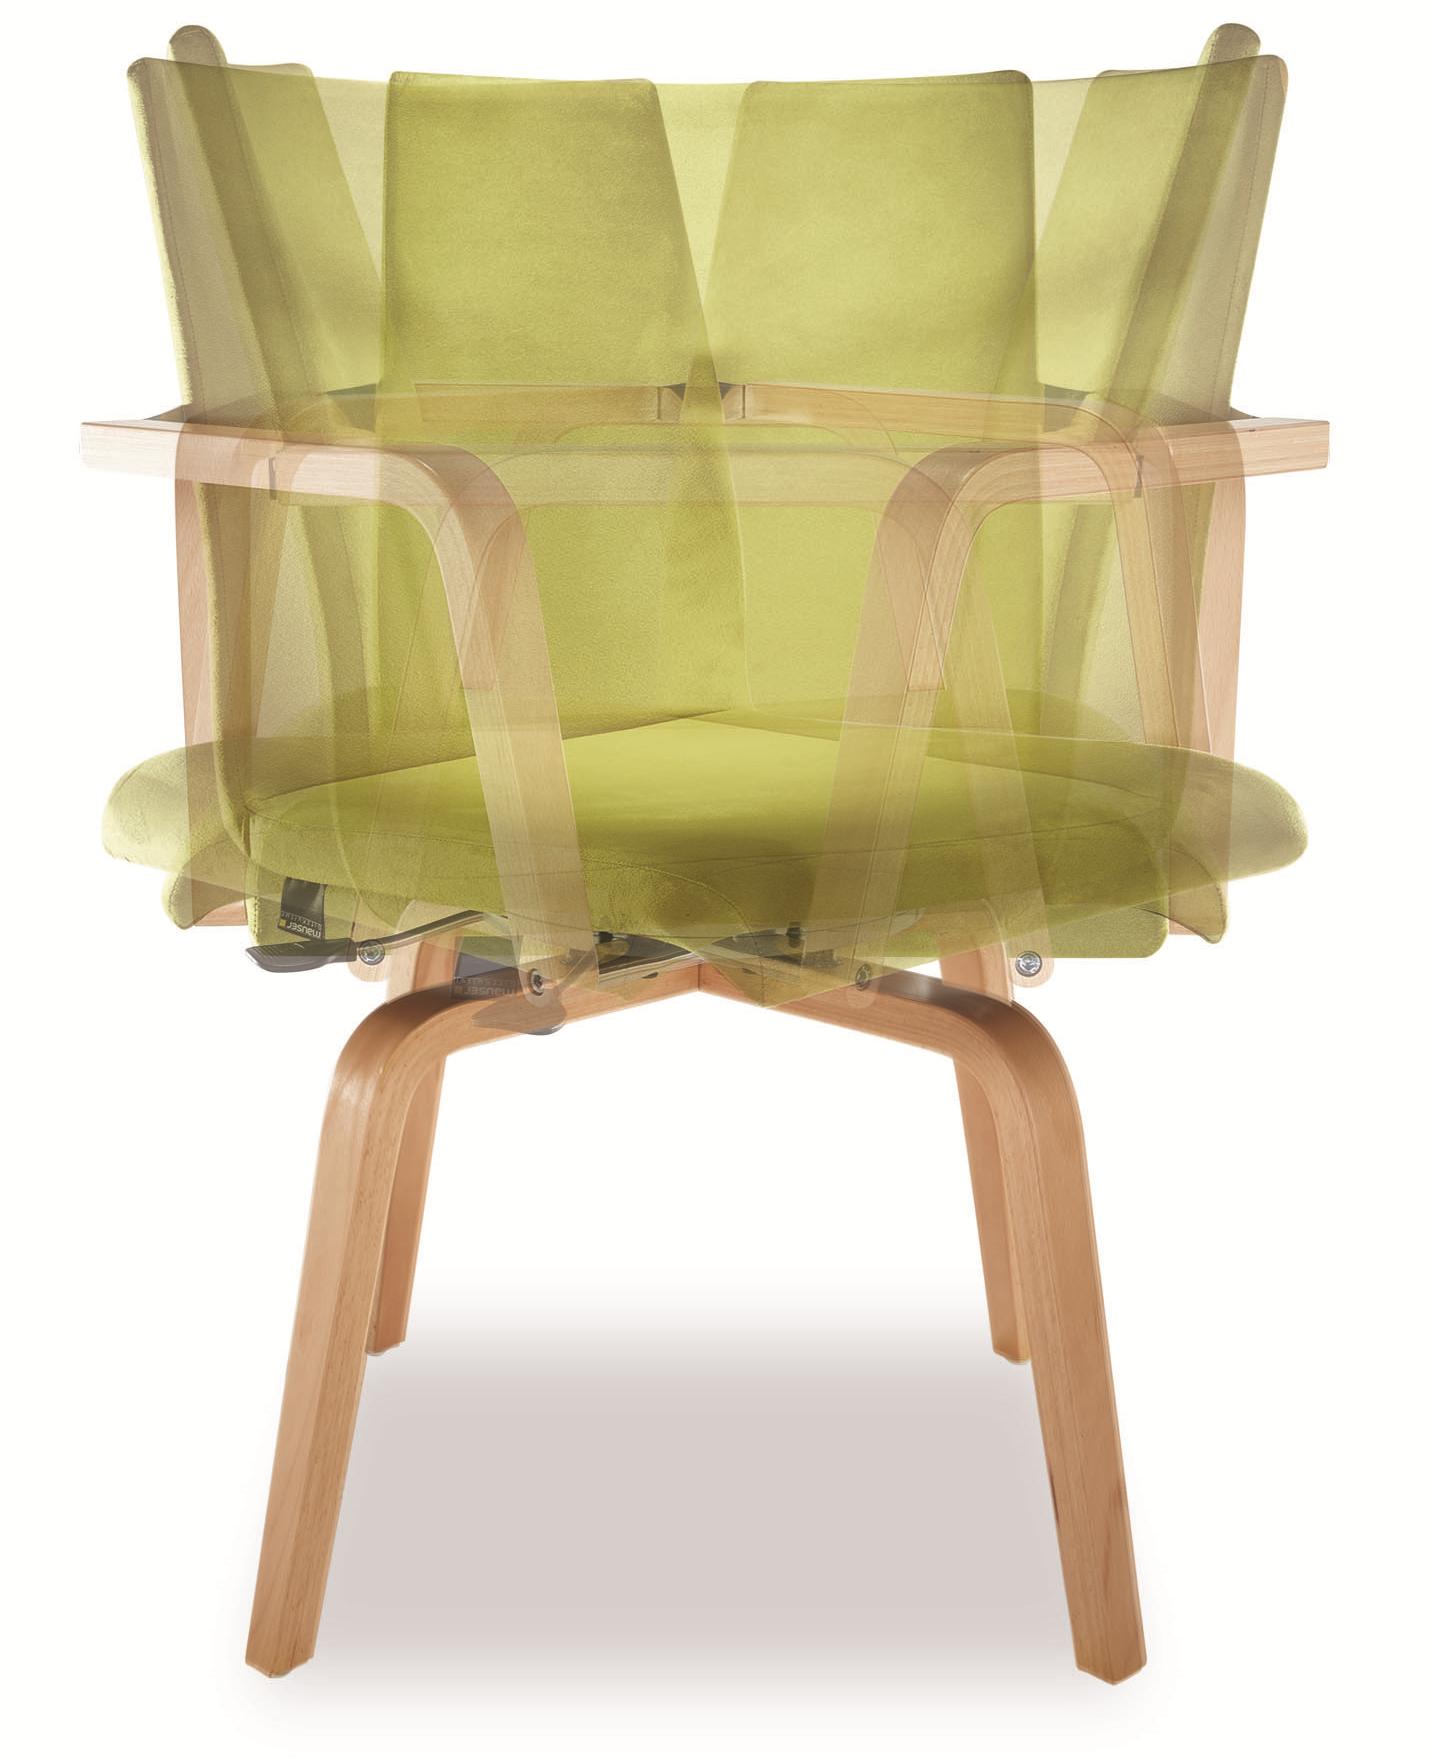 Mauser Sitzkultur - Movo 505 Multifunktionsstuhl - Art & Office Shop